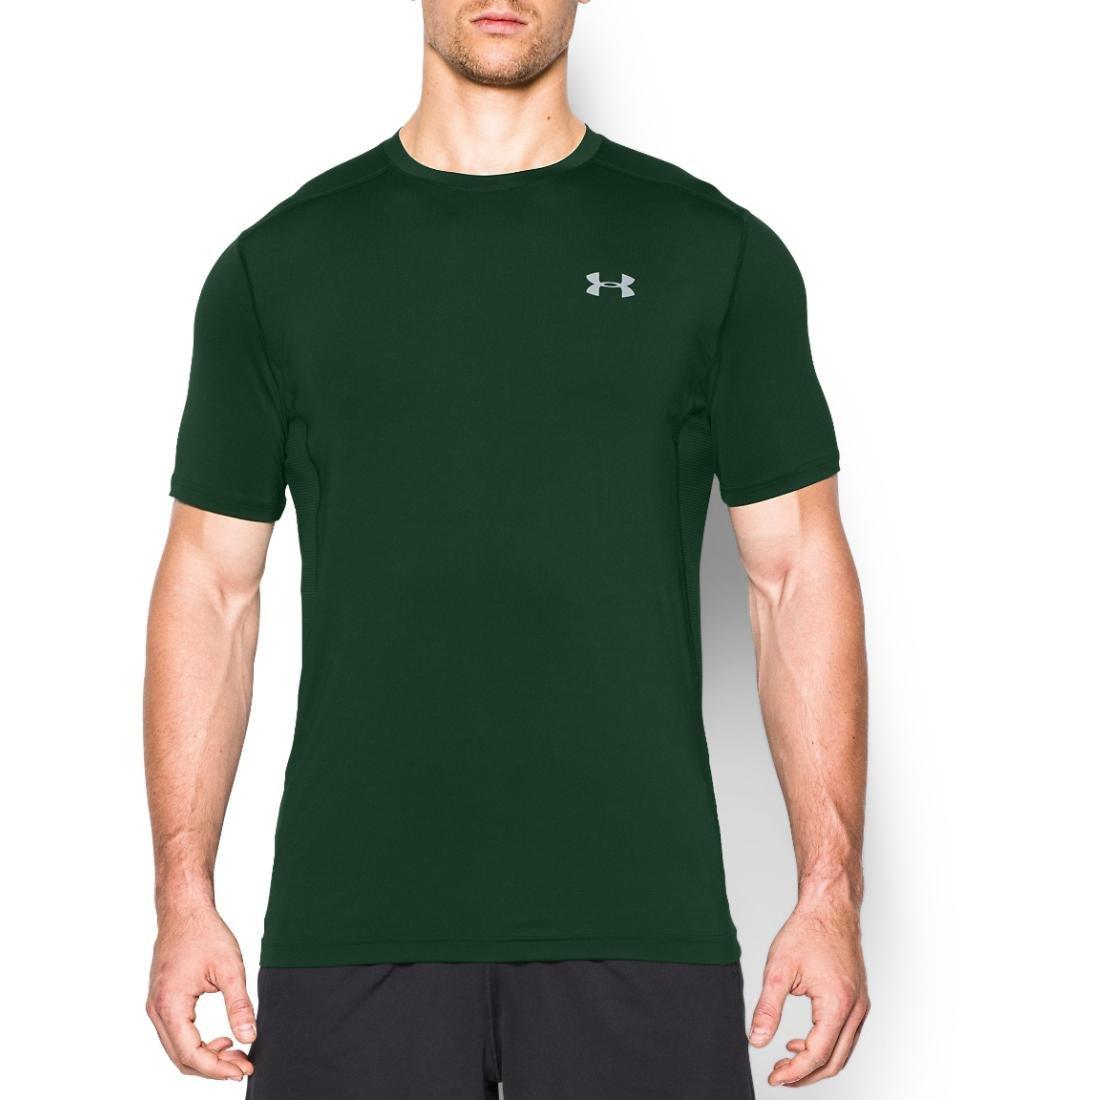 (アンダーアーマー) UNDER ARMOUR ヒットヒートギアSS(トレーニング/Tシャツ/MEN)[1257466] B017EZXL1I XXXX-Large|フォレストグリーン フォレストグリーン XXXX-Large